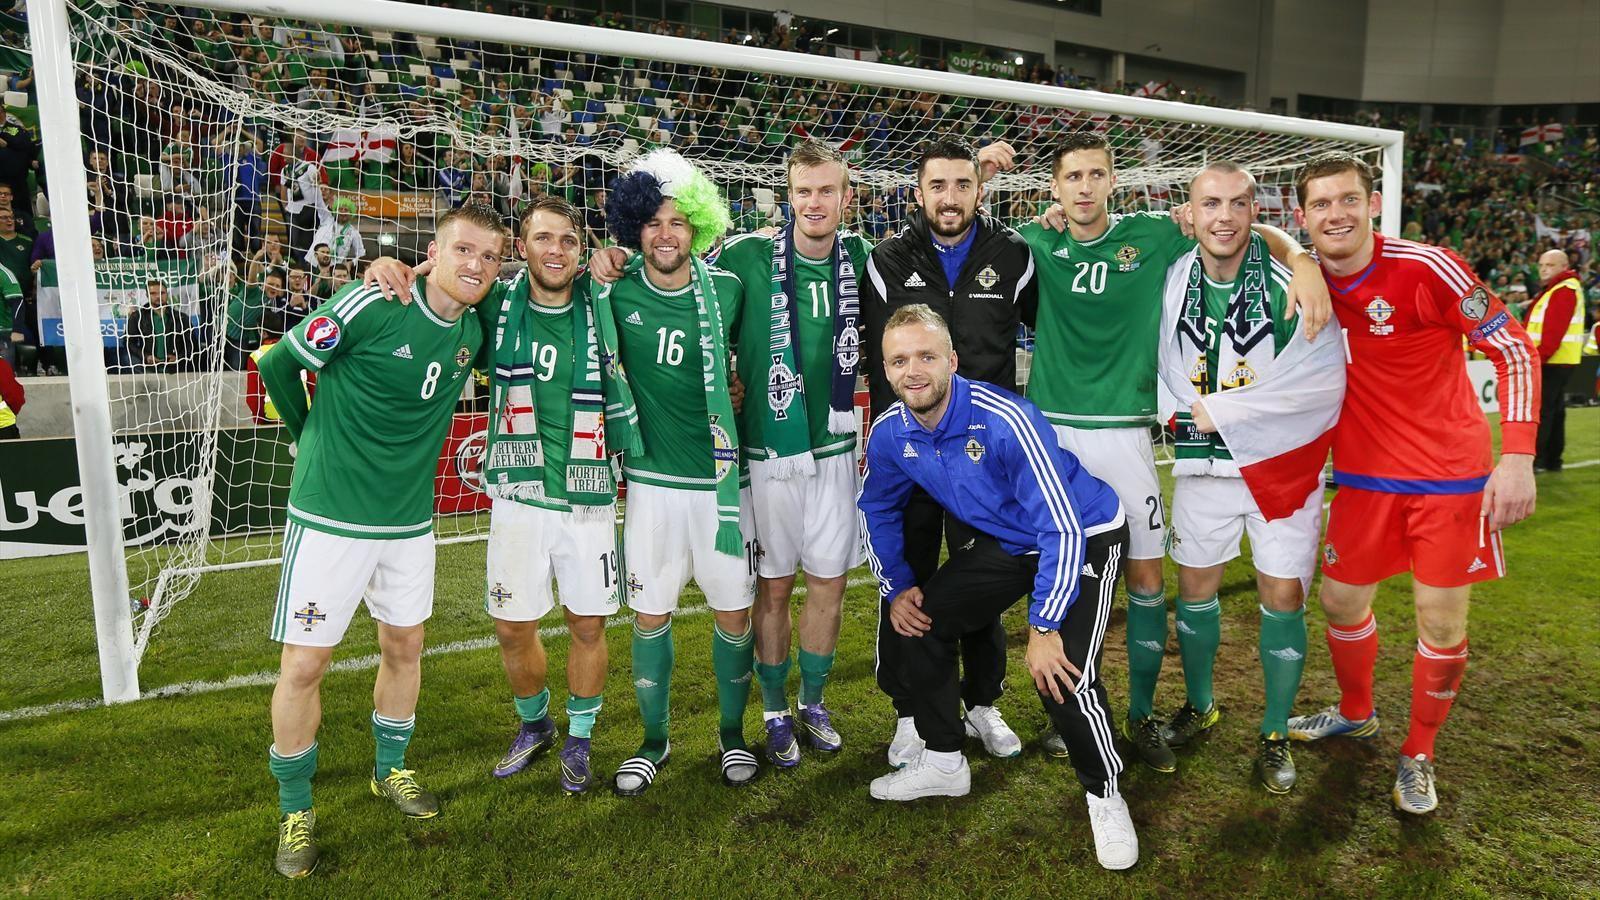 лисица, состав сборной северной ирландии фото множество различных